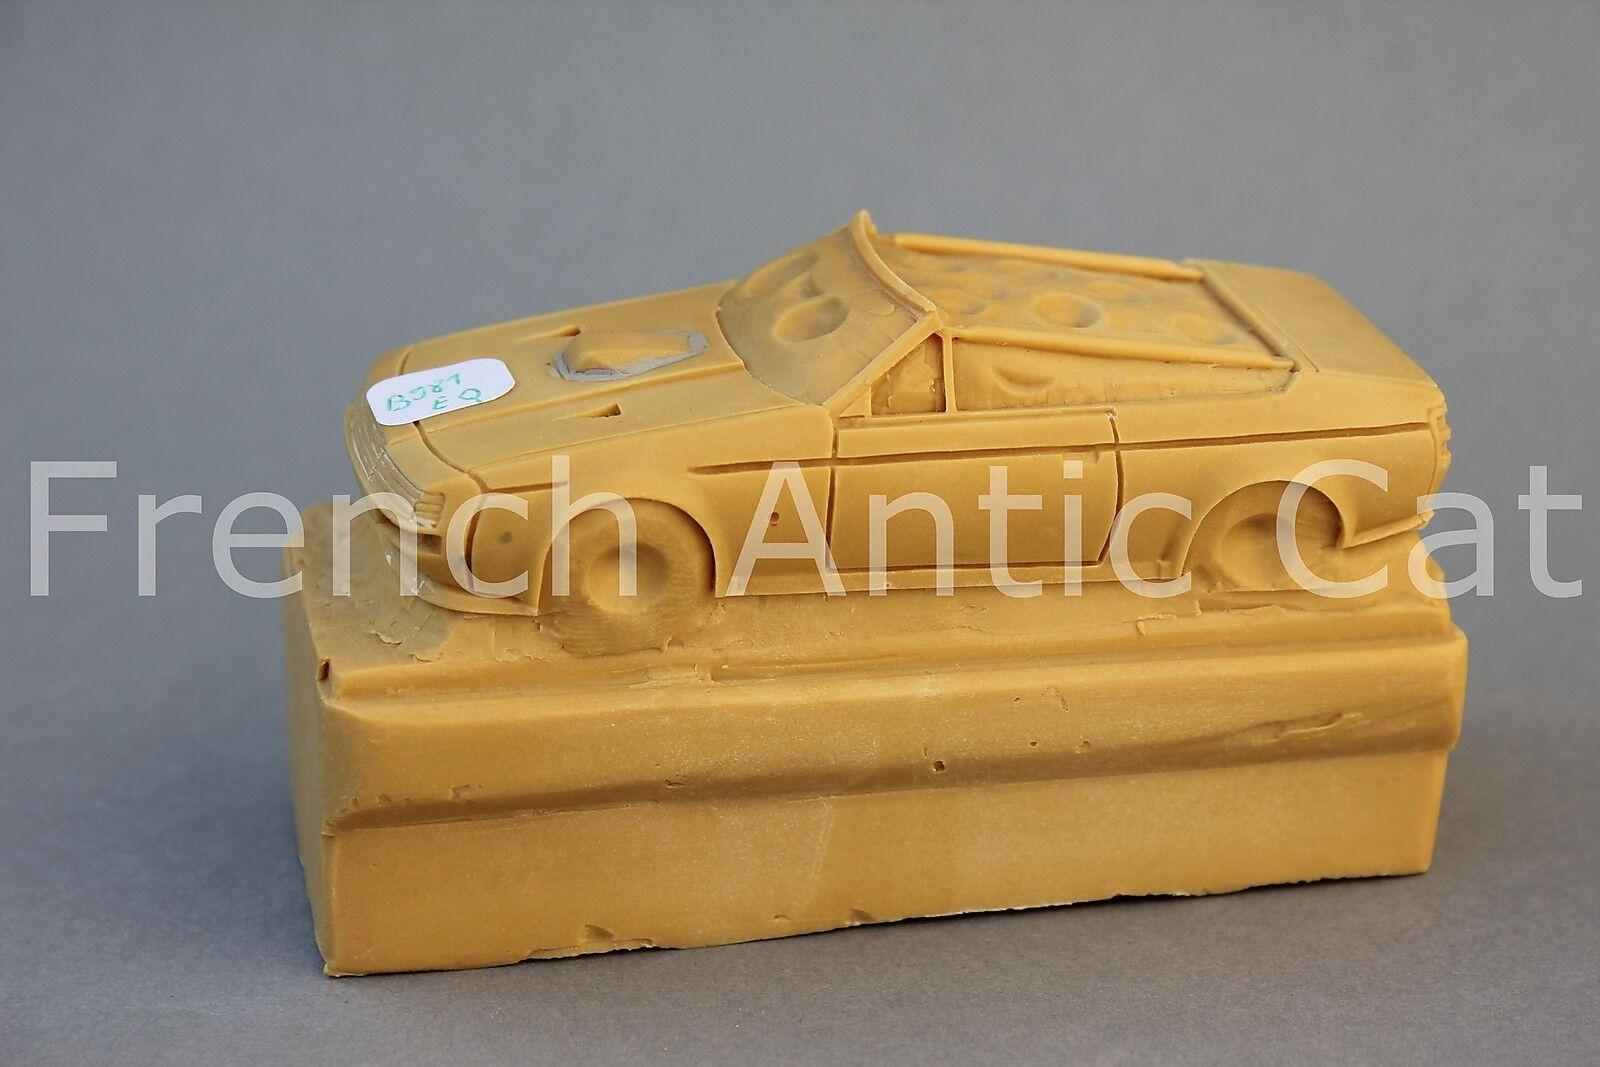 Raro Raro Raro Modelo Vehículo Resina Aston Martin Volante Zagato 1 43 Heco Modelos Eq '  Ahorre 60% de descuento y envío rápido a todo el mundo.